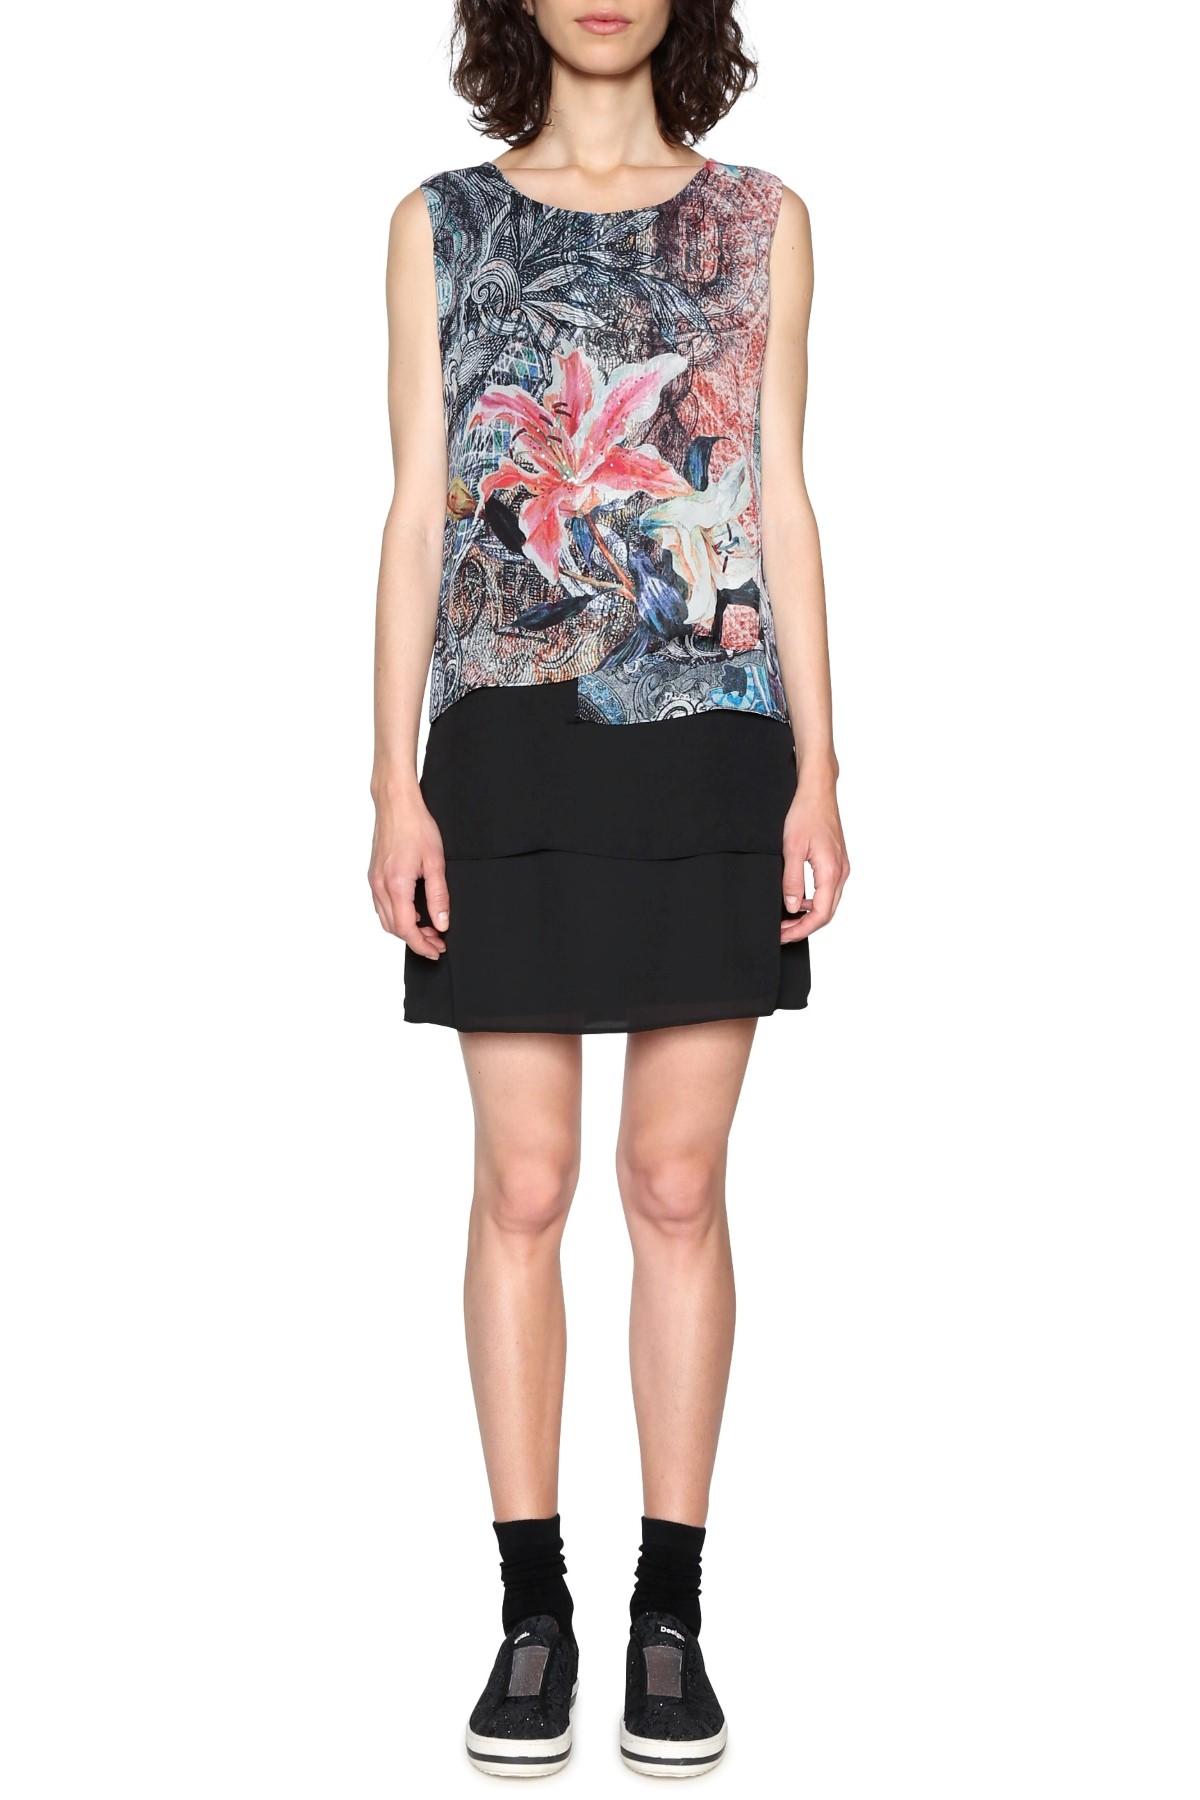 Desigual fekete ruha Aploma színes motívumokkal. Desigual fekete ruha  Aploma színes motívumokkal. Desigual fekete ruha Aploma színes motívumokkal 36c55956d1